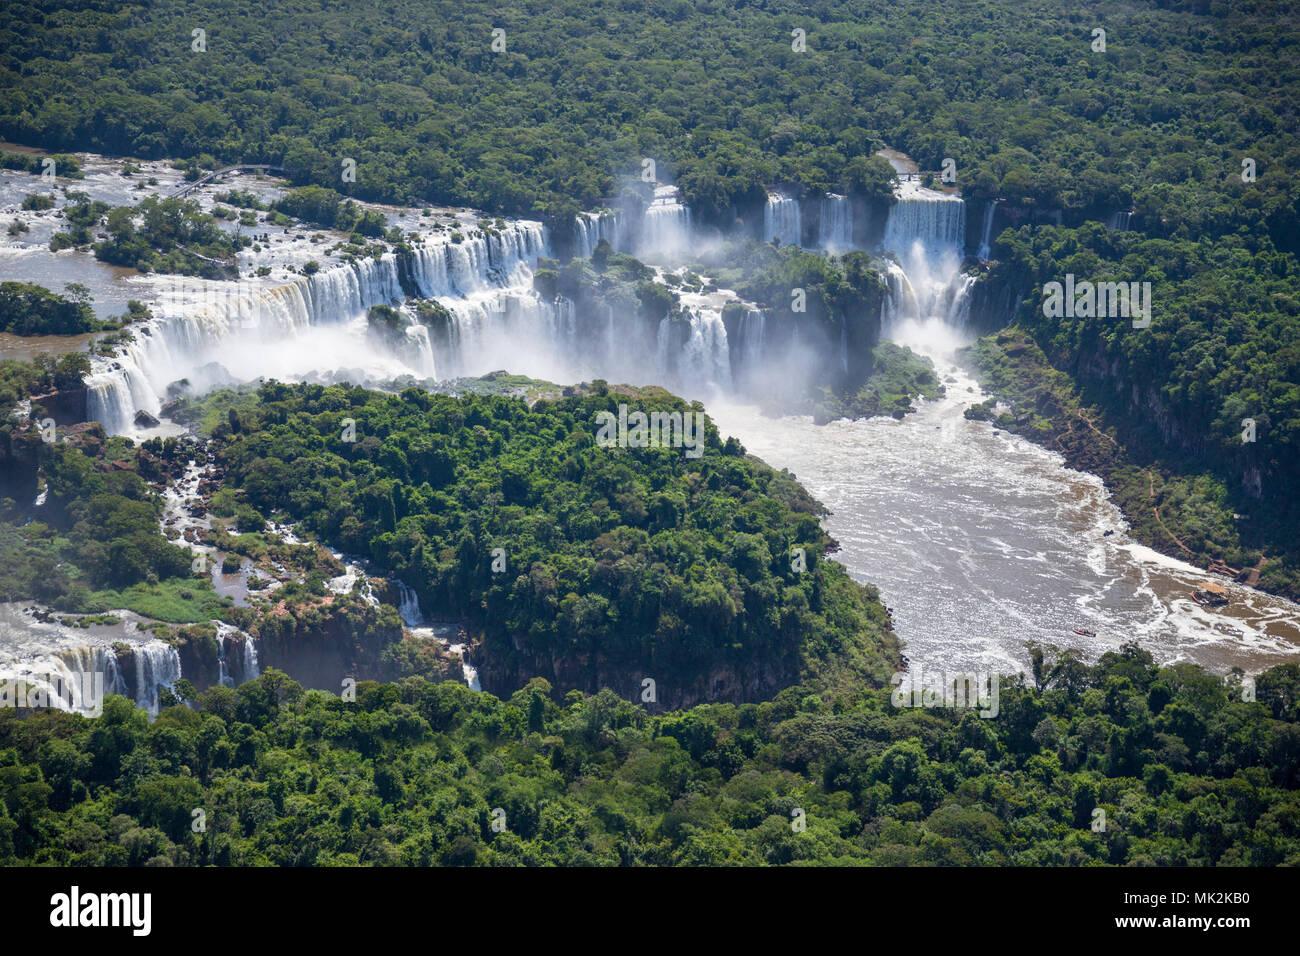 Luftaufnahme der Iguassu oder Iguacu falls - der weltweit größten Wasserfall system an der Grenze von Brasilien eine Argentinien Stockbild